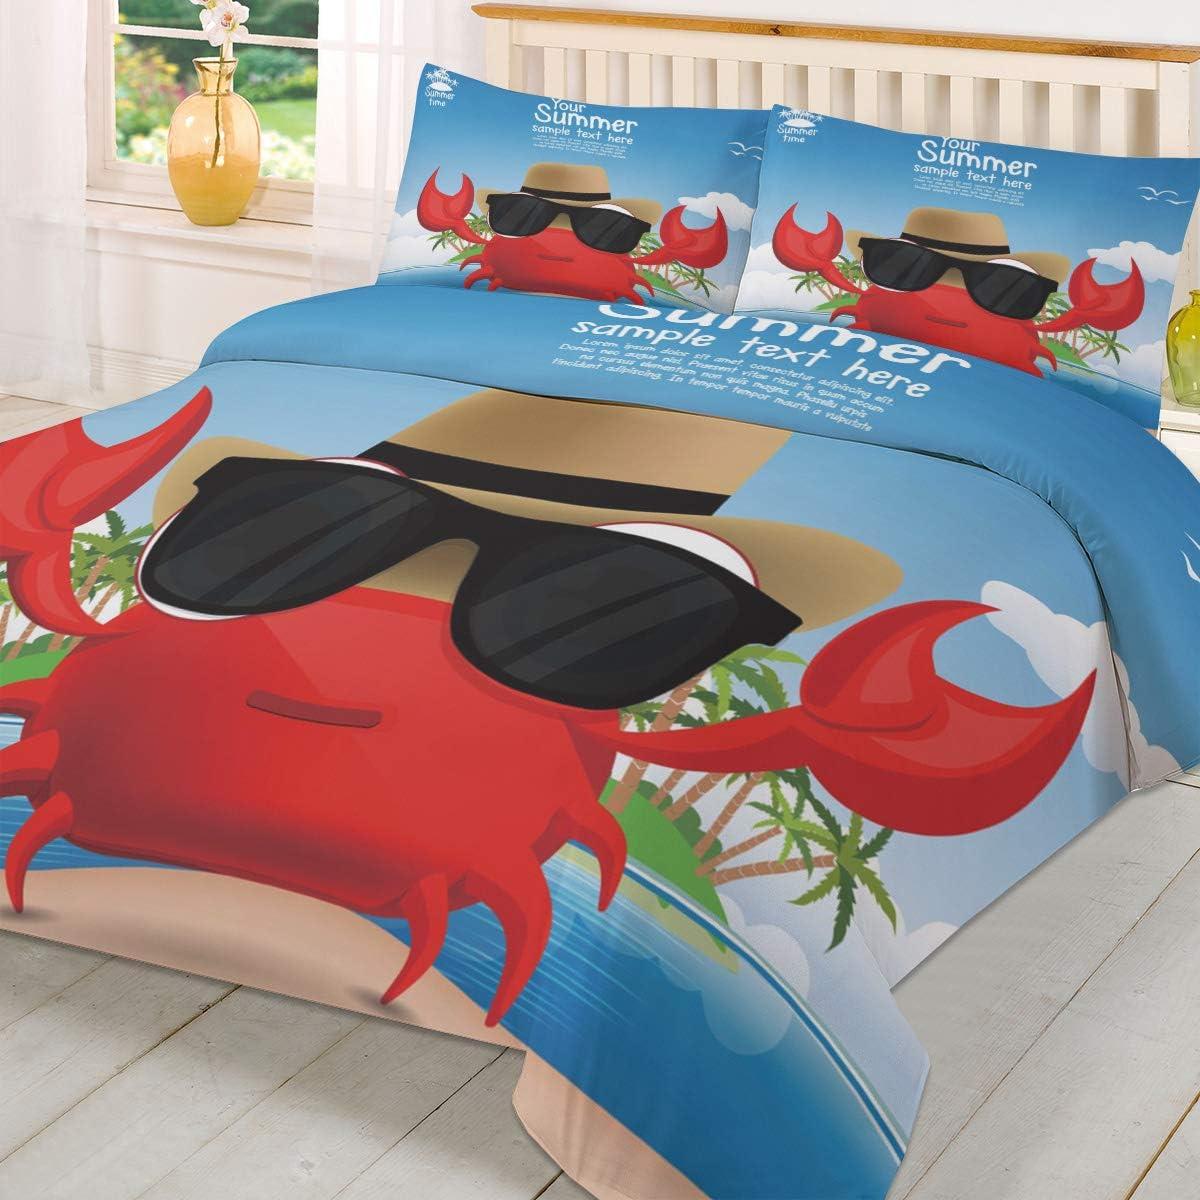 IDOWMAT Duvet Cover Set Queen [Alternative dealer] 3 Piece 1 All Max 80% OFF Season Bedding